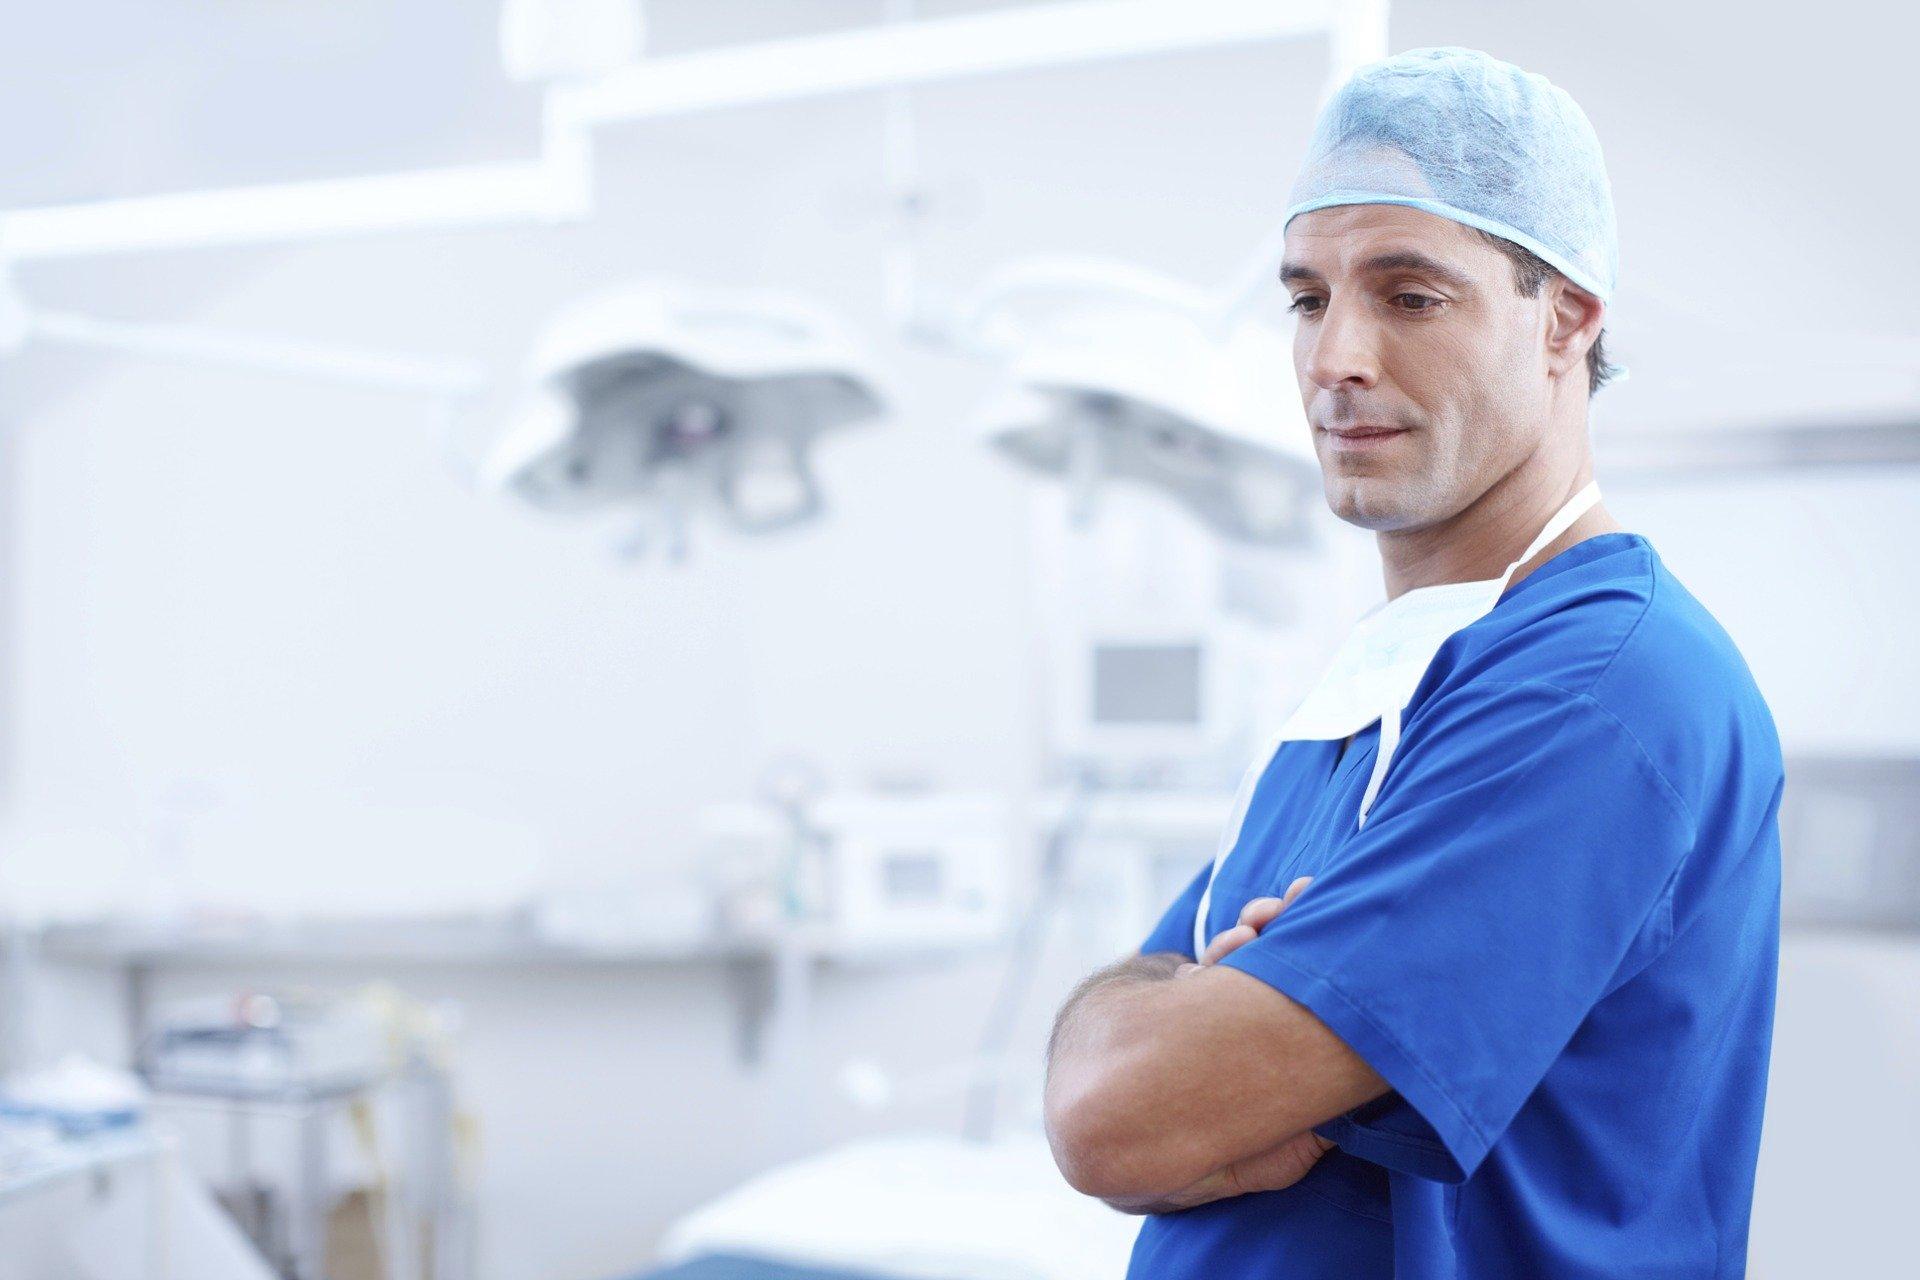 Assicurazione Medici, ecco tutto quello che c'è da sapere